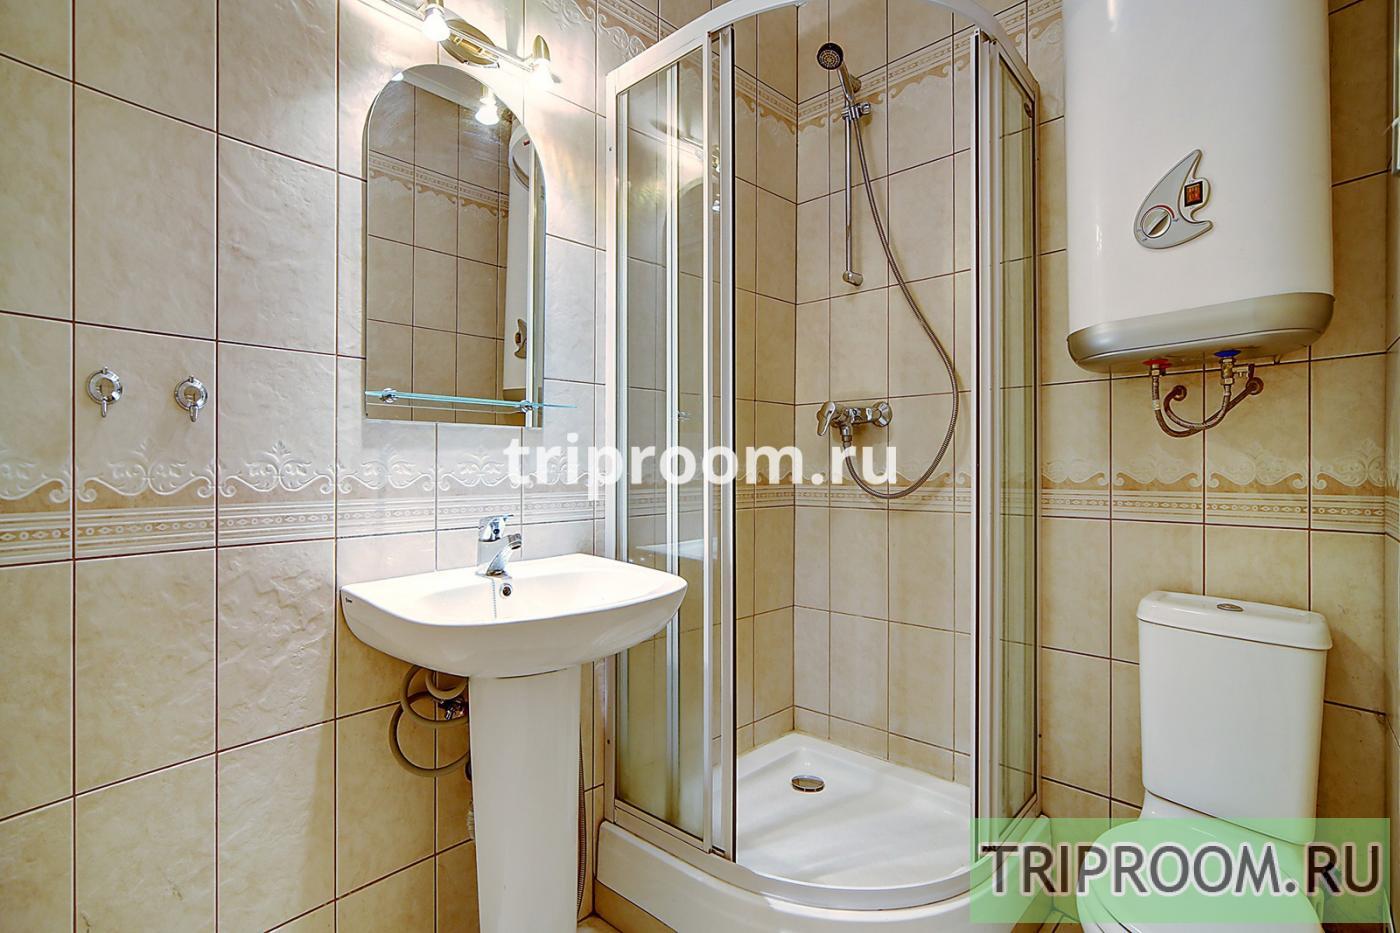 3-комнатная квартира посуточно (вариант № 14749), ул. Большая Конюшенная улица, фото № 22